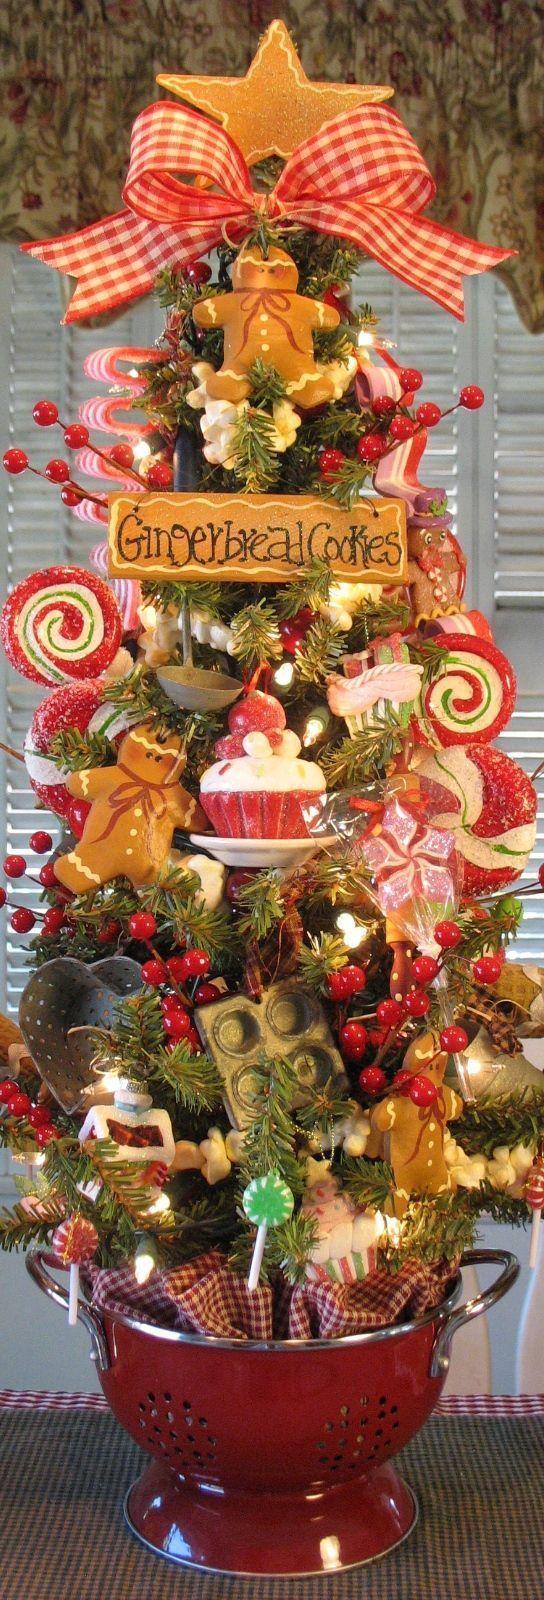 Un tema excelente en la decoración navideña es el de la tradicional Galleta de Jengibre. A partir de moldes sencillos, puedes hacer variaciones de tamaños y por supuesto de decoración,que podrás utilizar para decorar tu árbol de Navidad y otros espacios de tu hogar, especialmente la cocina. Lo importante es contar con tus ideas para …